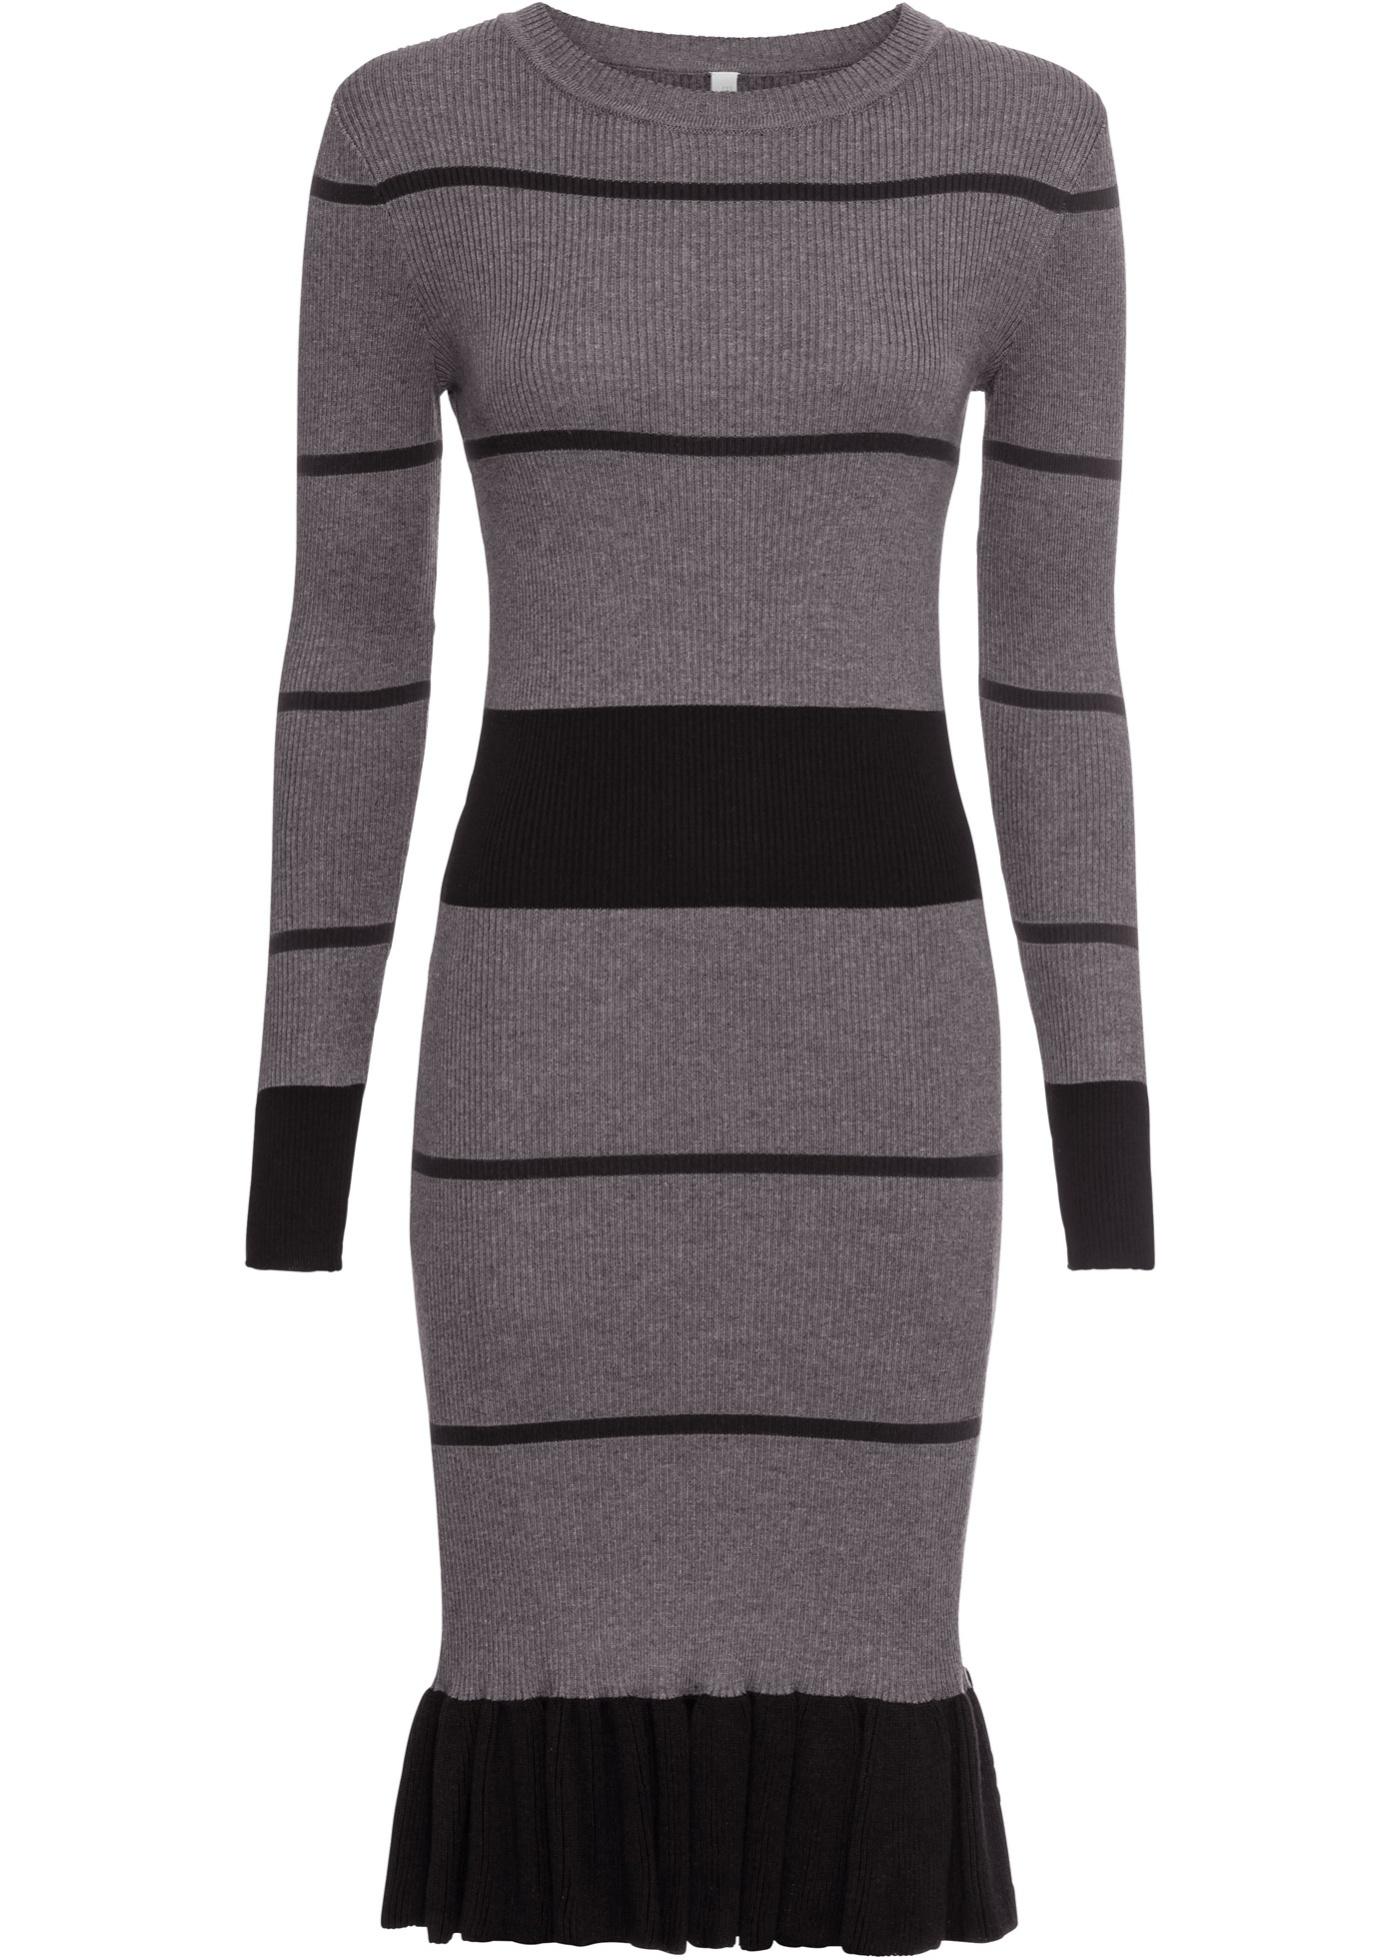 Bonprix SE - Stickad klänning 399.00